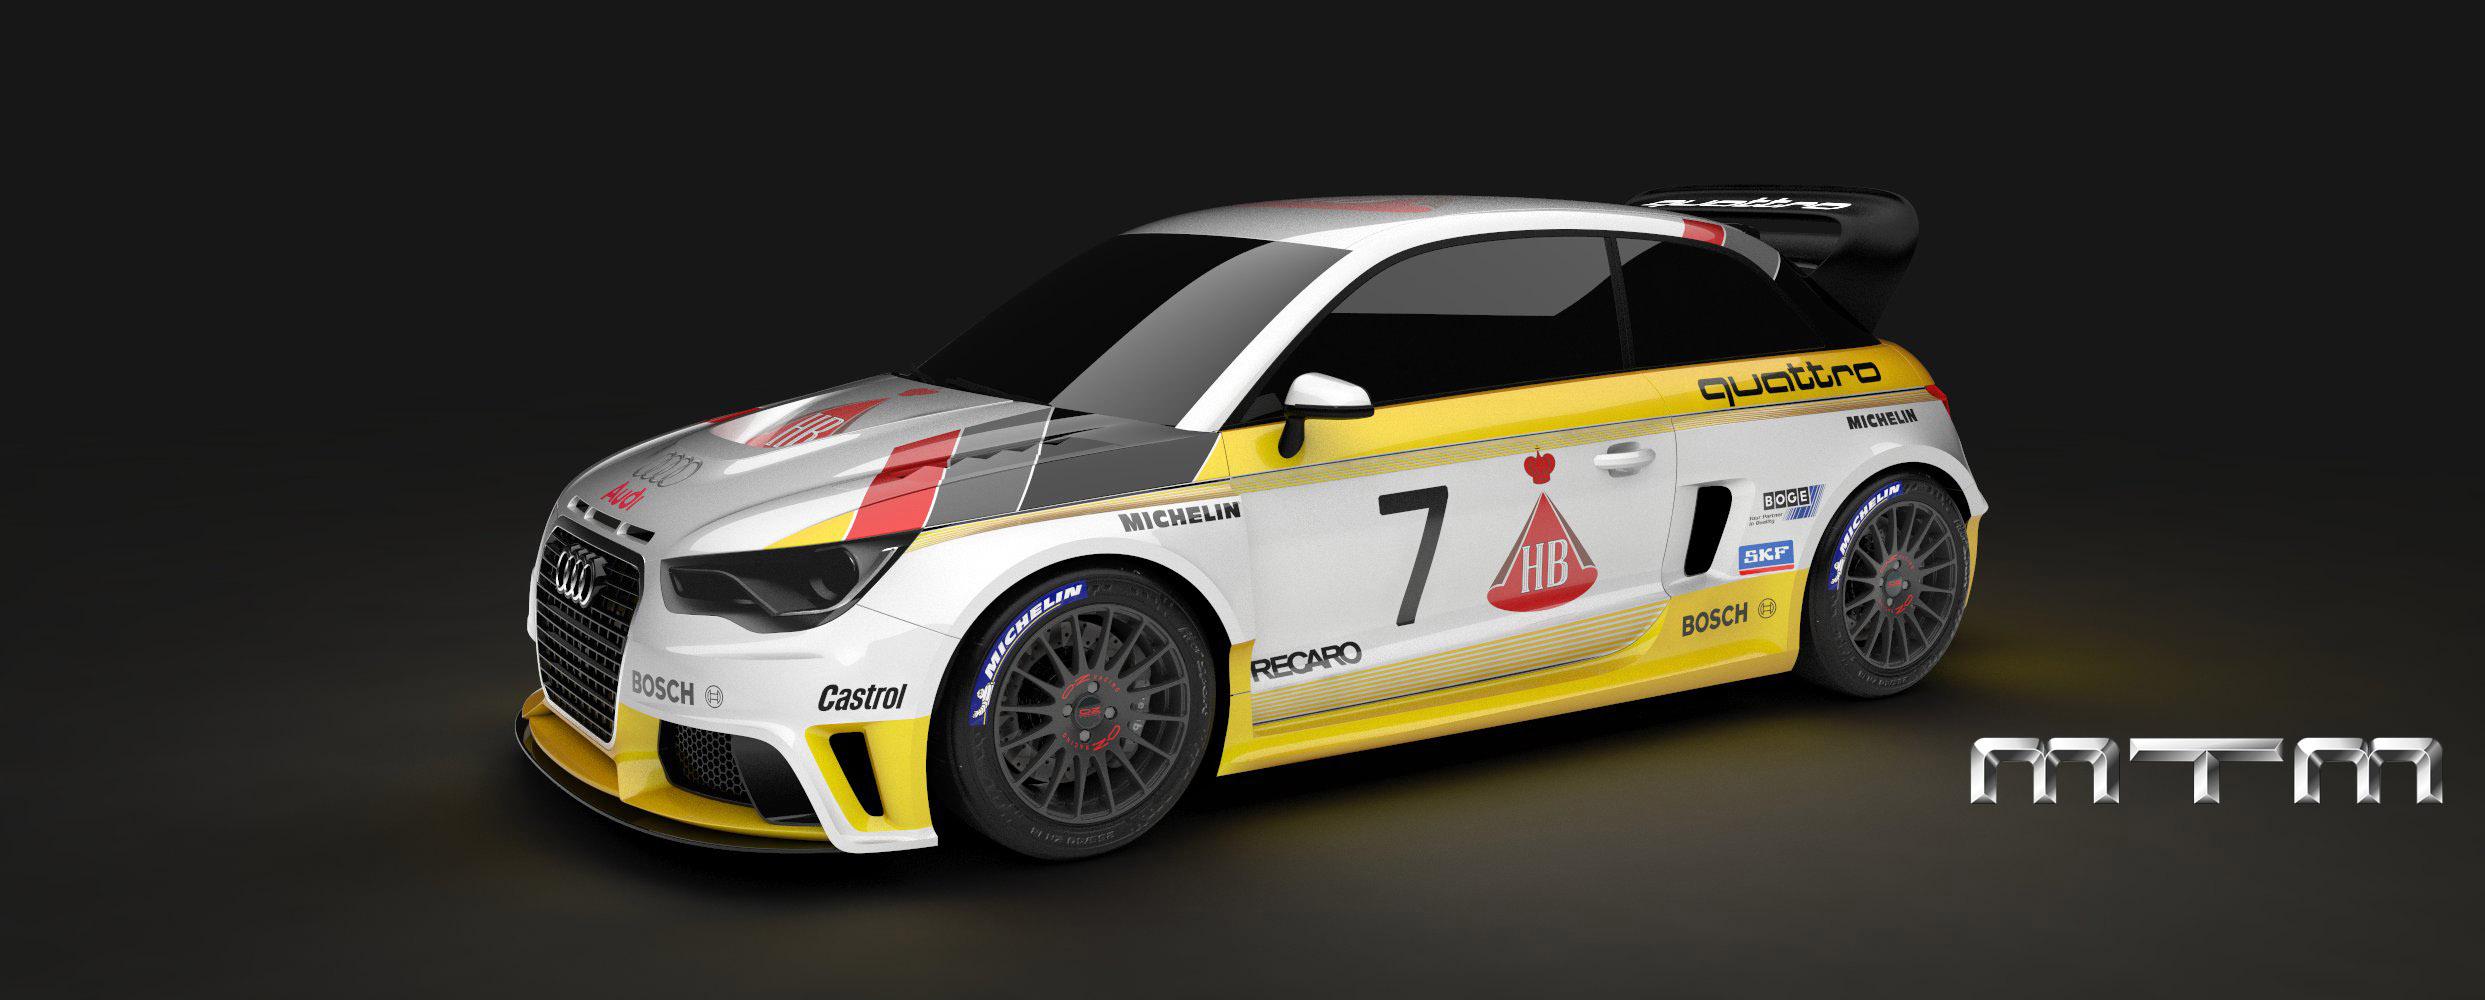 MTM Audi A1 quattro nardo edition - фотография №7